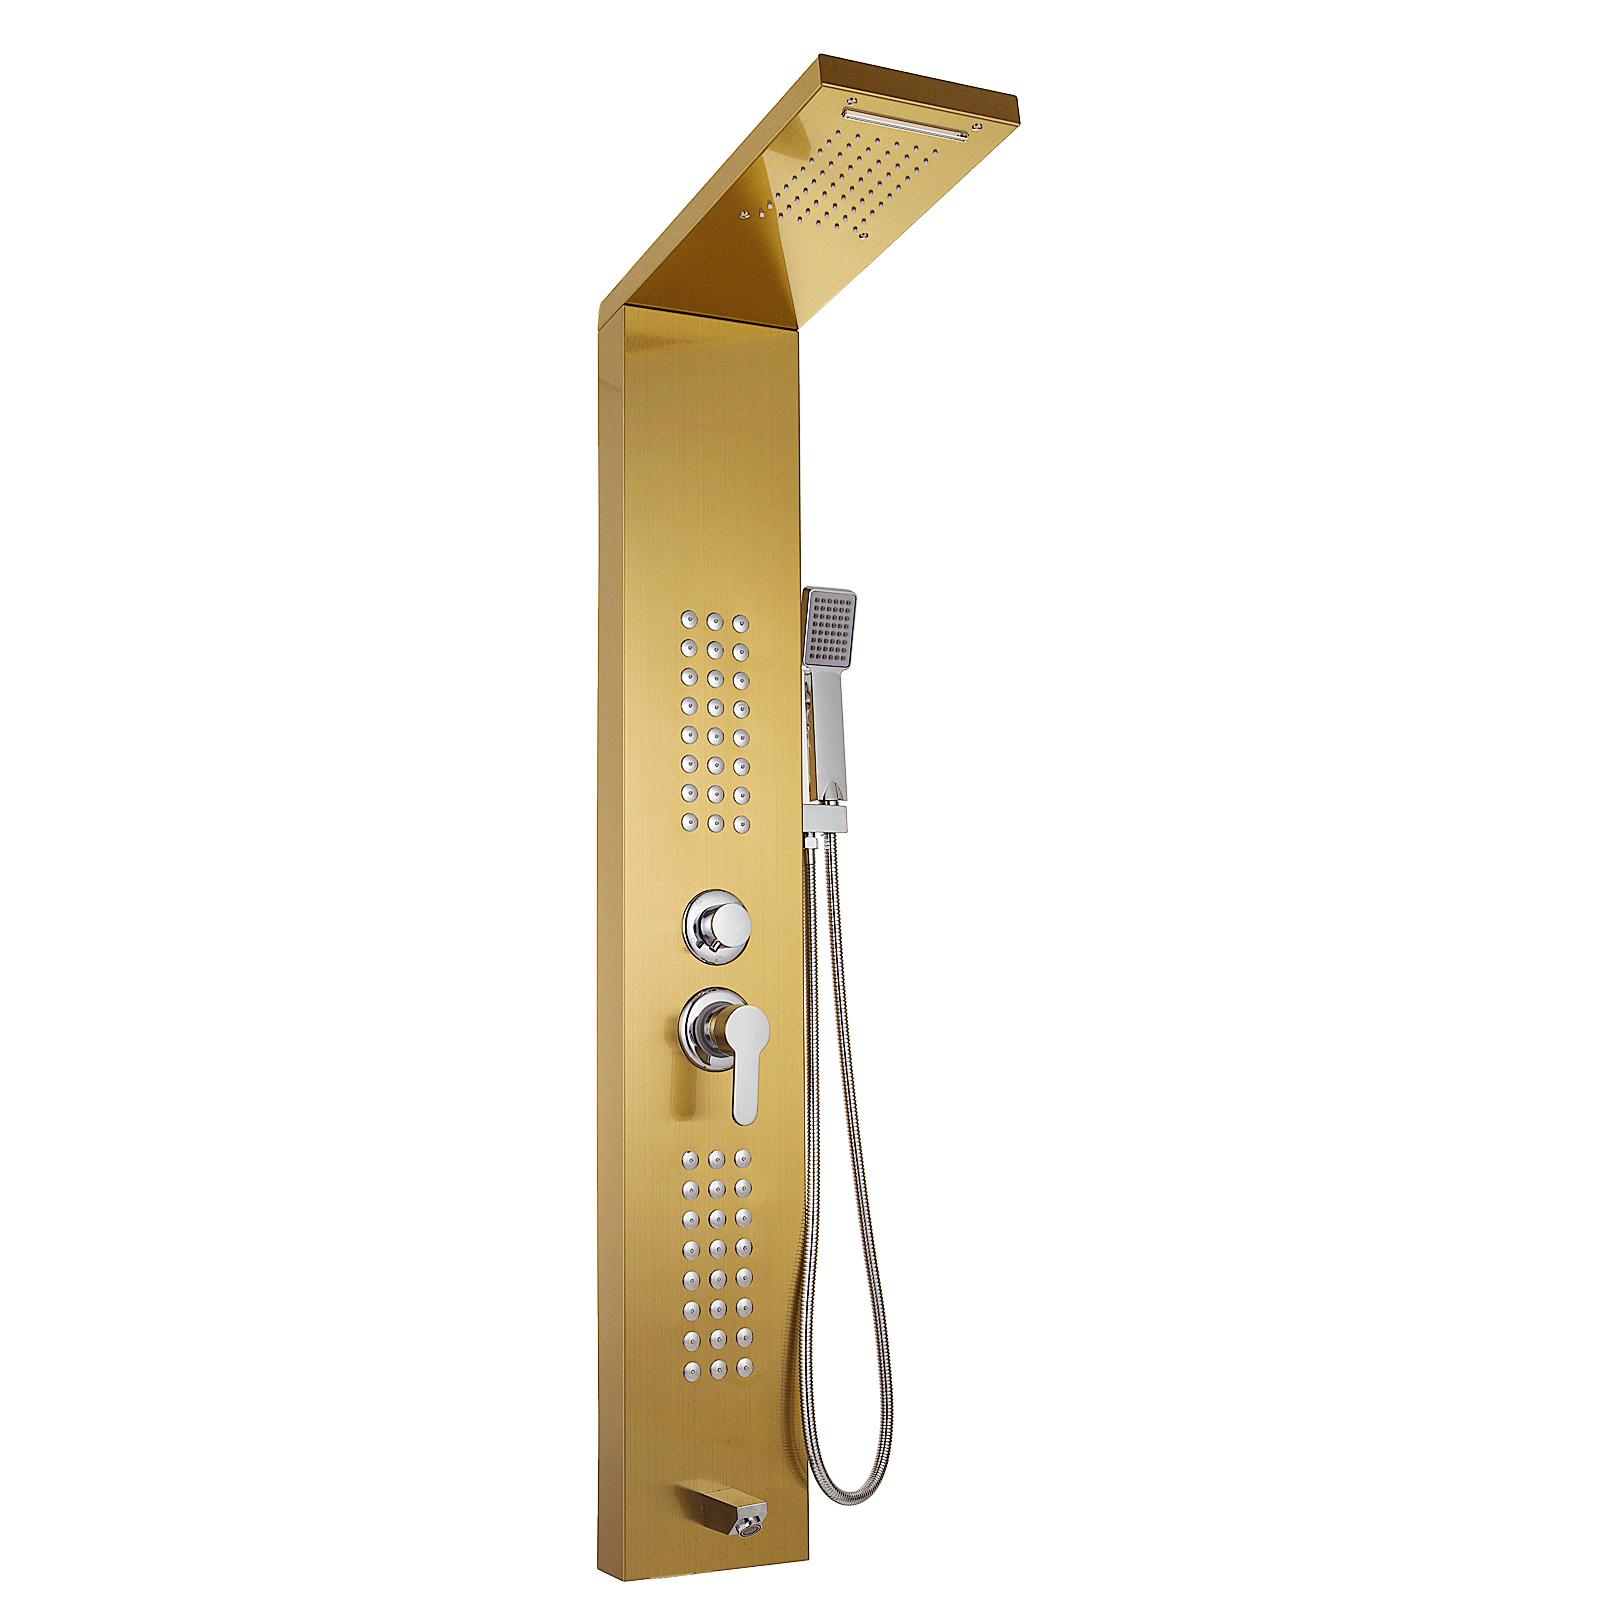 Pannello-doccia-idromassaggio-colonna-in-acciaio-inossidabile-con-miscelatore miniatura 88